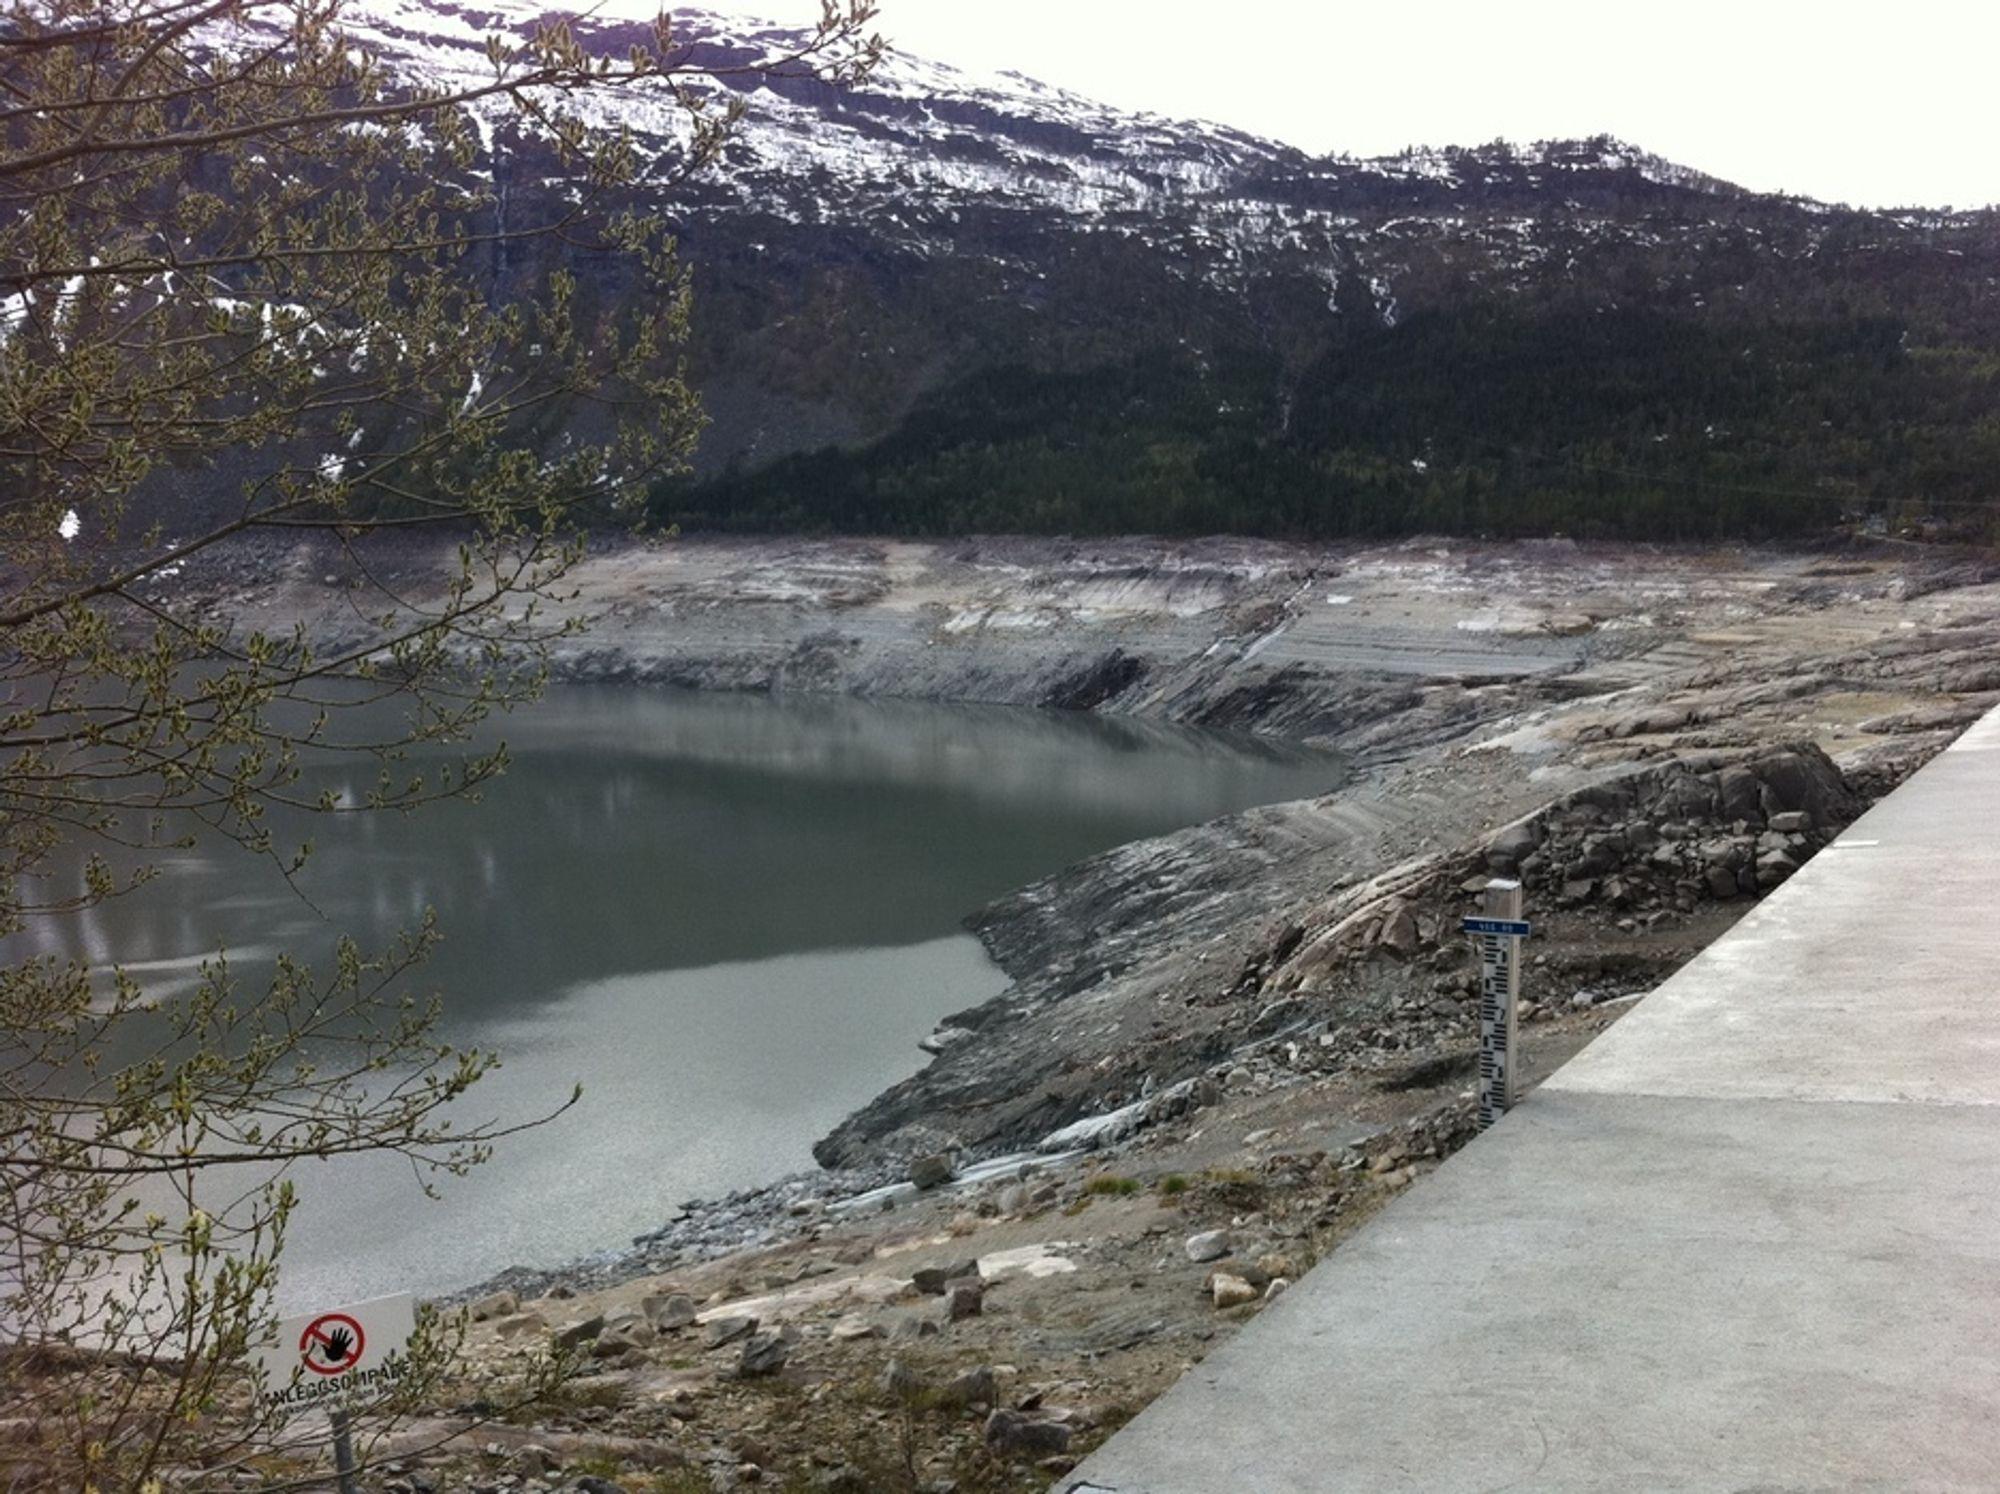 HISTORISK: Det er lenge siden norske vannmagasin har vært så nedtappet.  Dette er et ferskt bilde fra Ringedalsvatnet, som  tilhører Oksla-Tysso-komplekset.